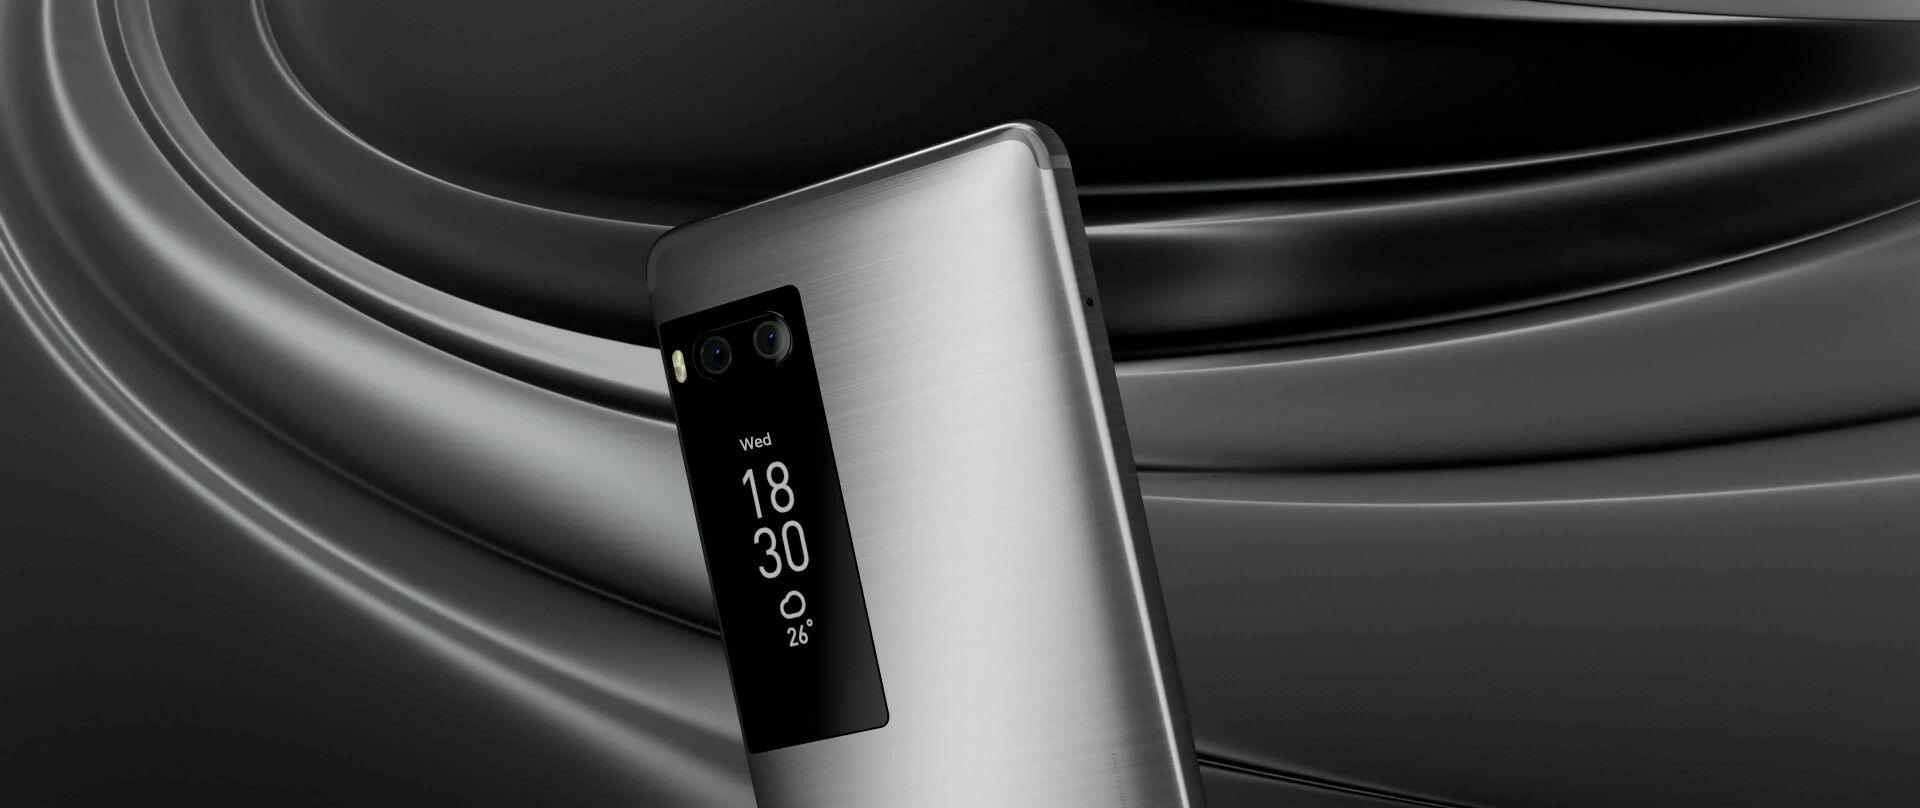 5 Smartphone Android Terbaik dengan 2 Layar (Layar Sekunder)